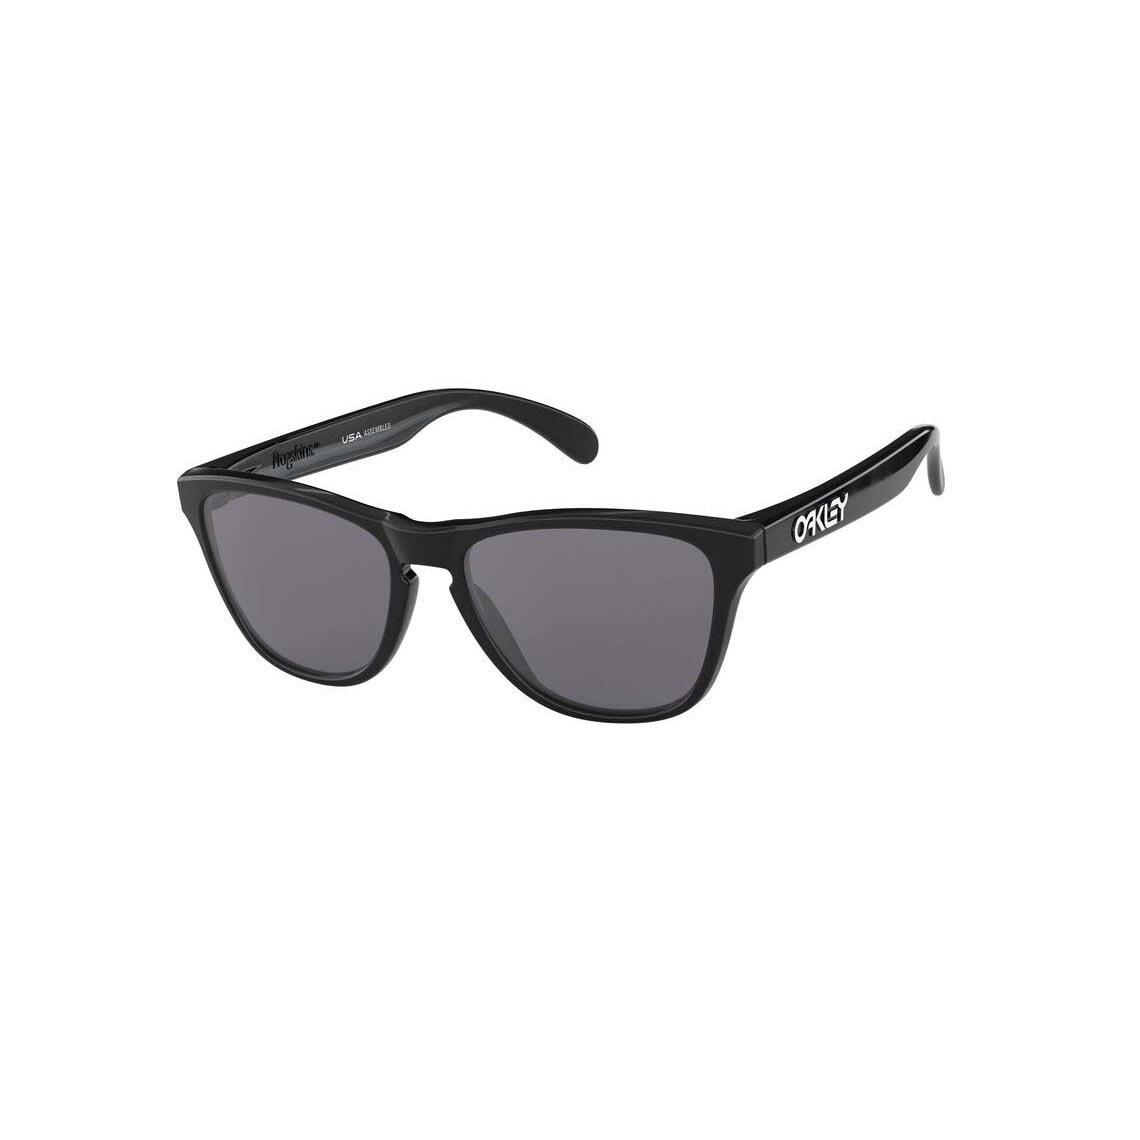 Oakley Frogskins XS Grey OJ9006-0153